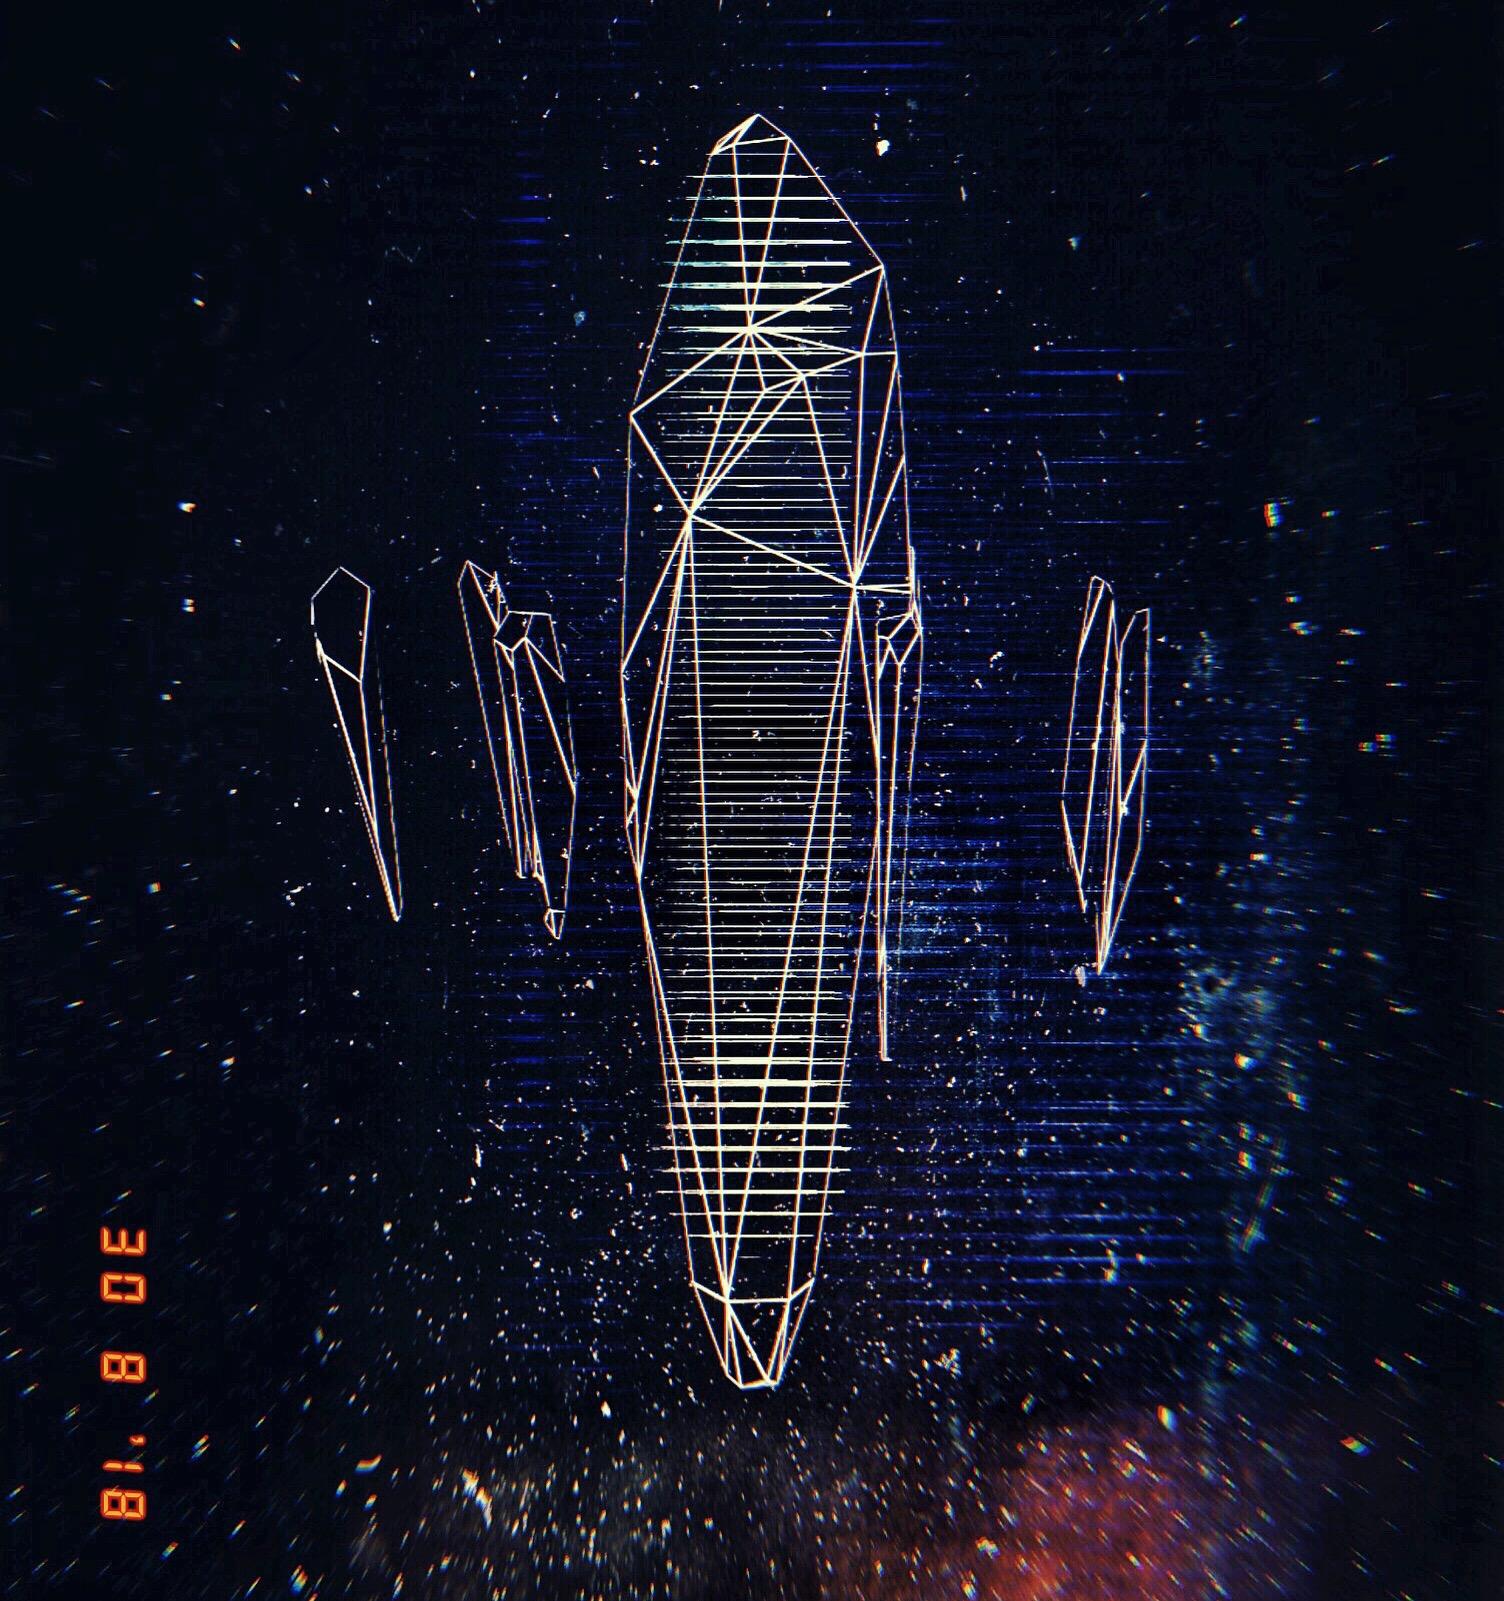 Cyberspace 2077 - 30-08-18